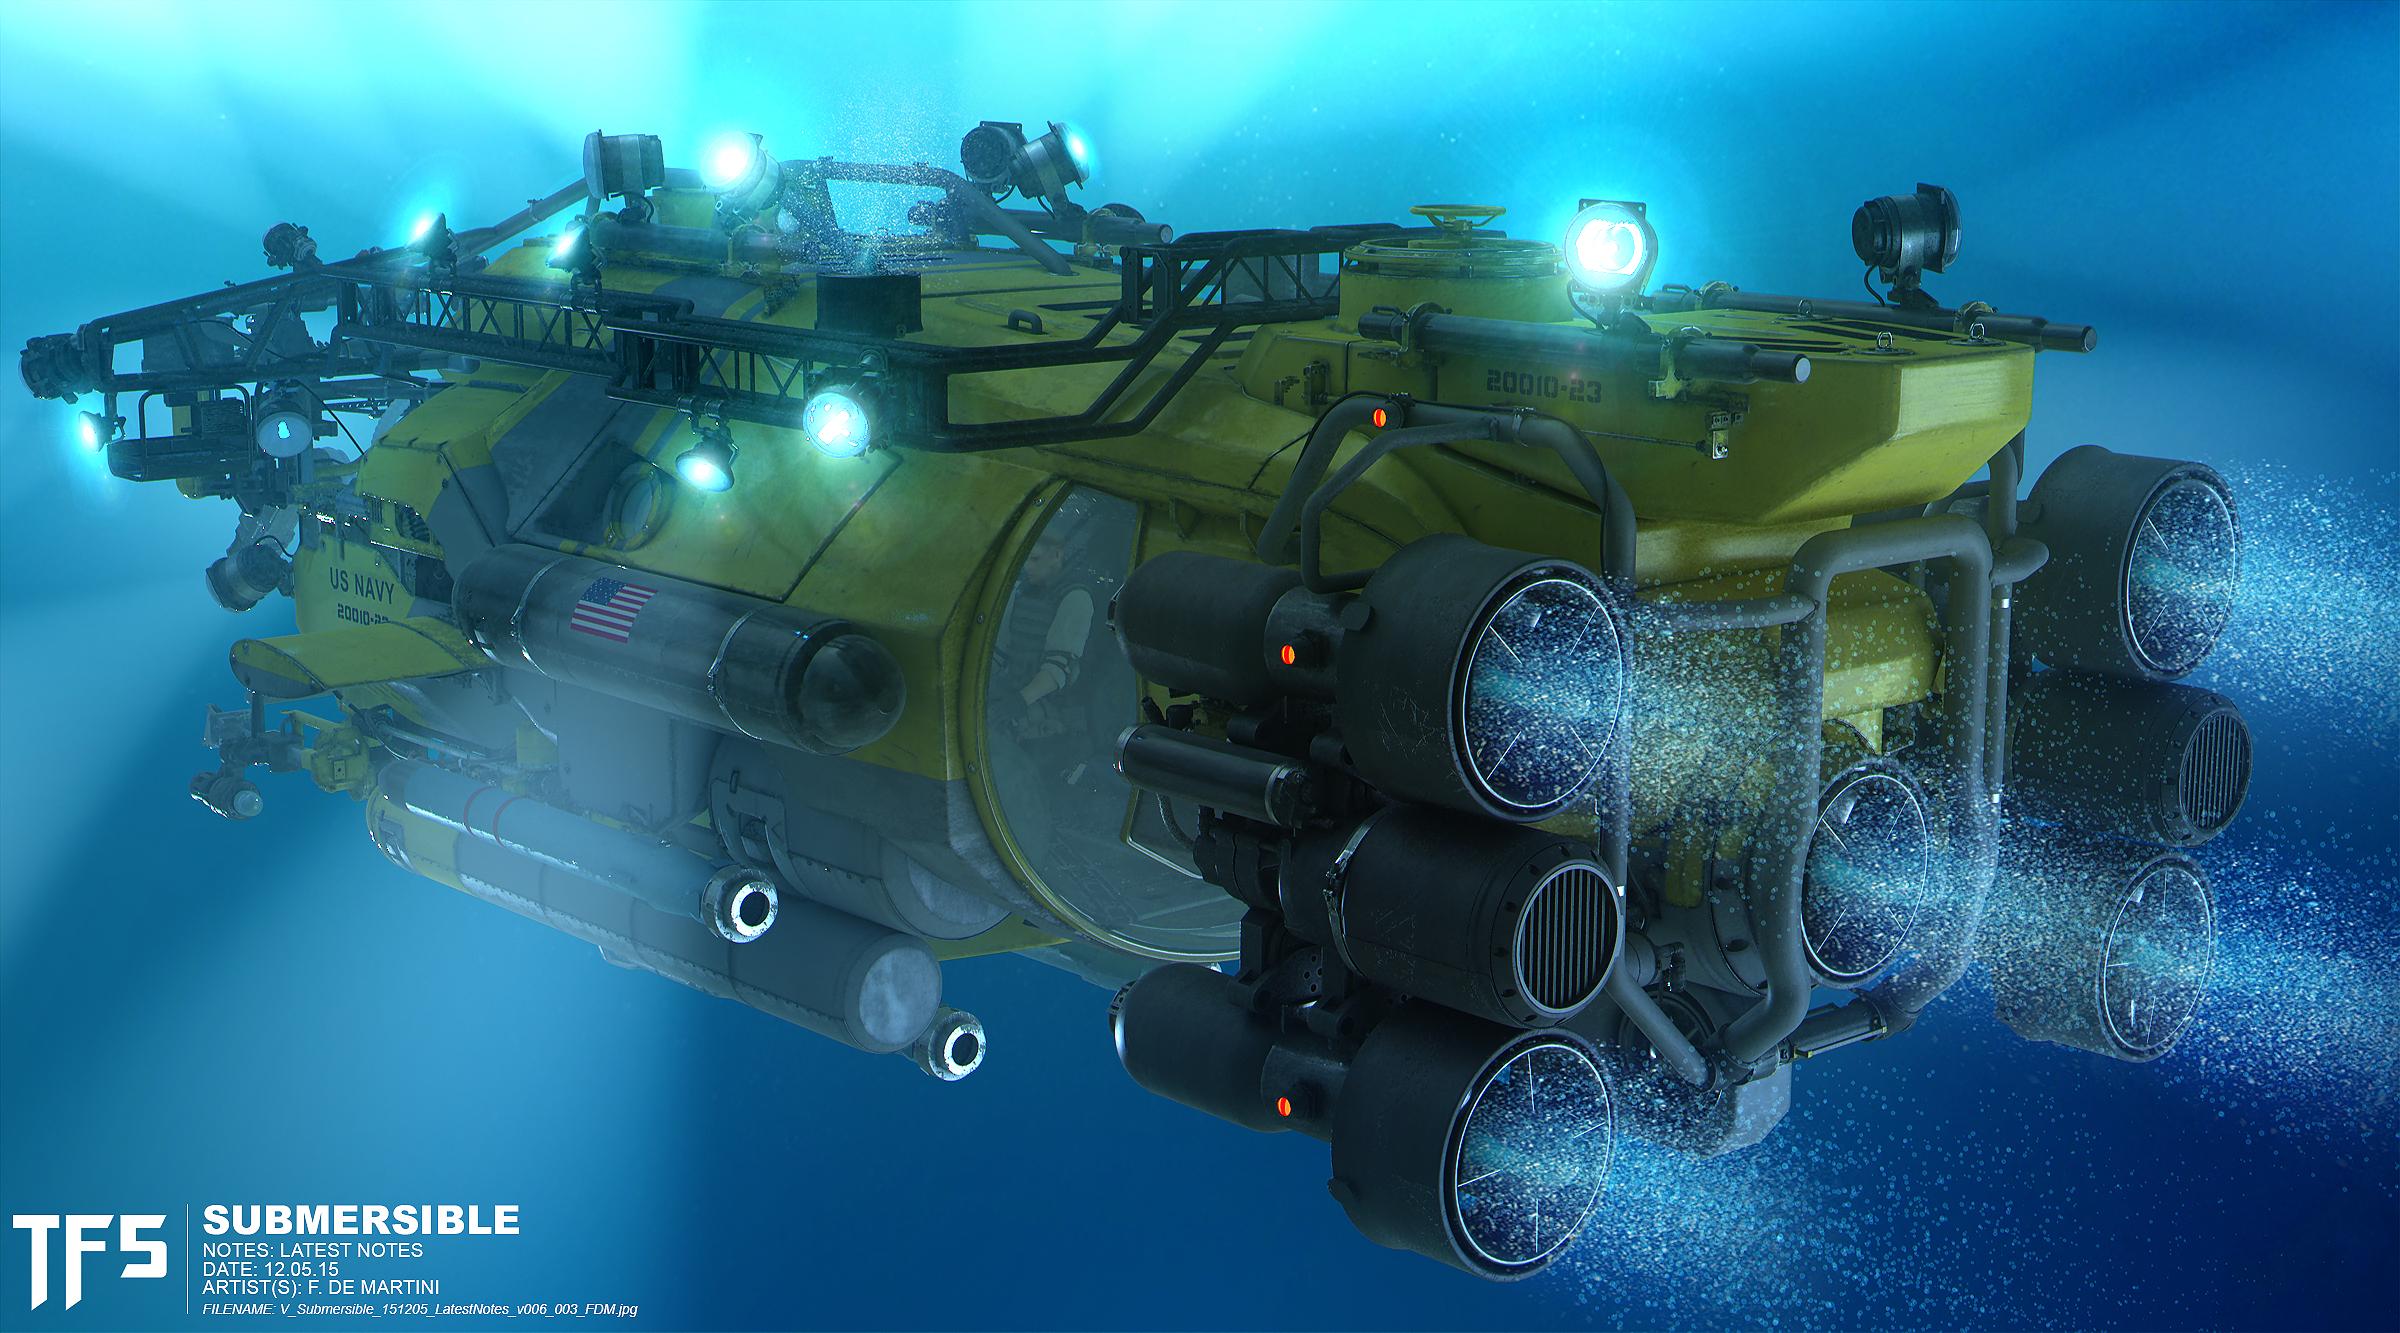 V_Submersible_151205_LatestNotes_v006_003_FDM.jpg